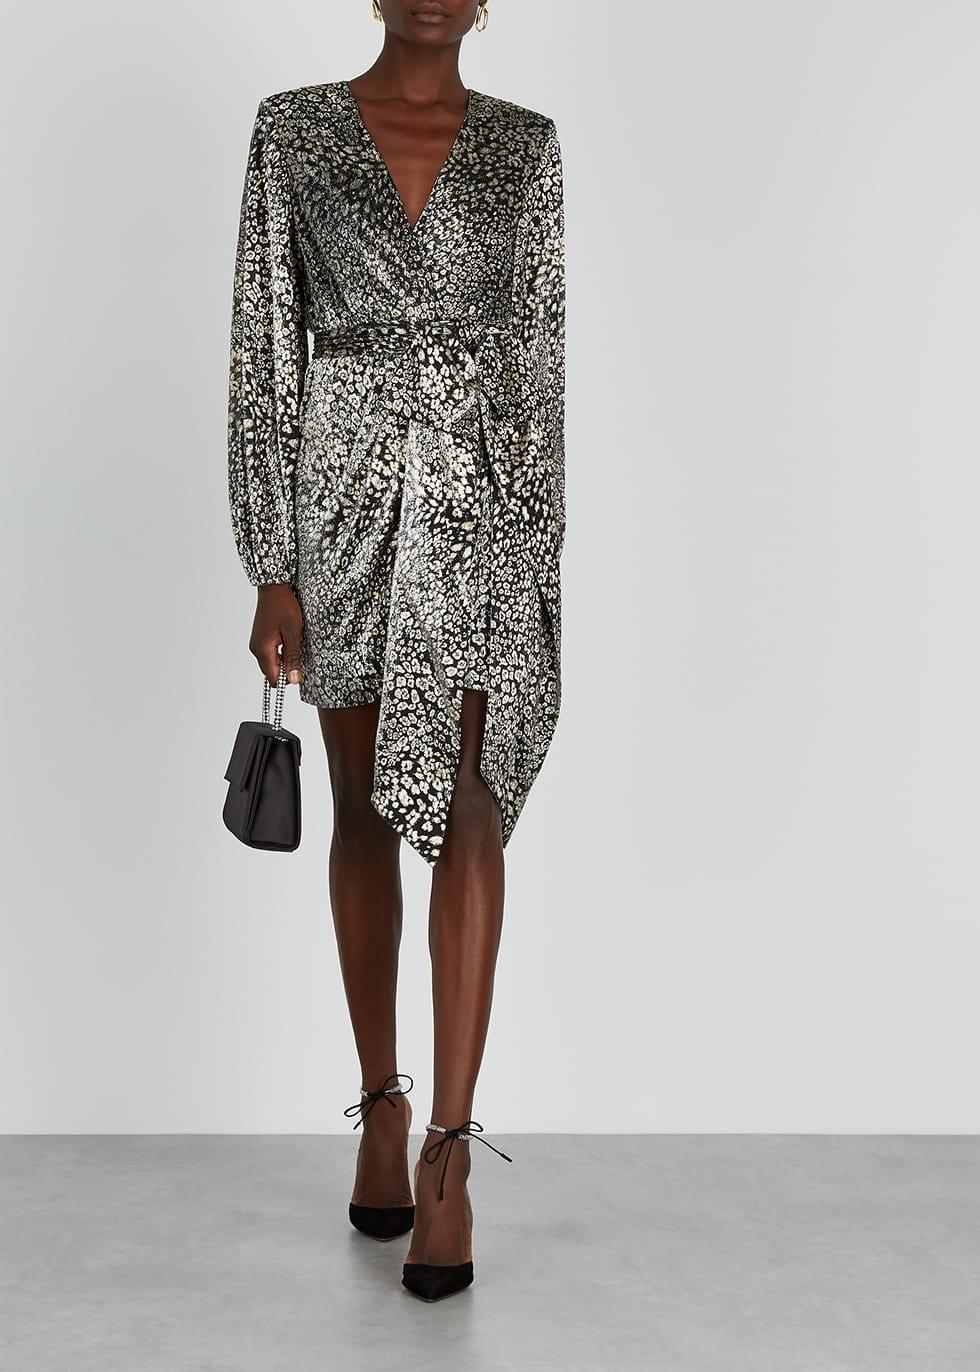 REBECCA VALLANCE Vienna Leopard-print Fine-knit Mini Dress